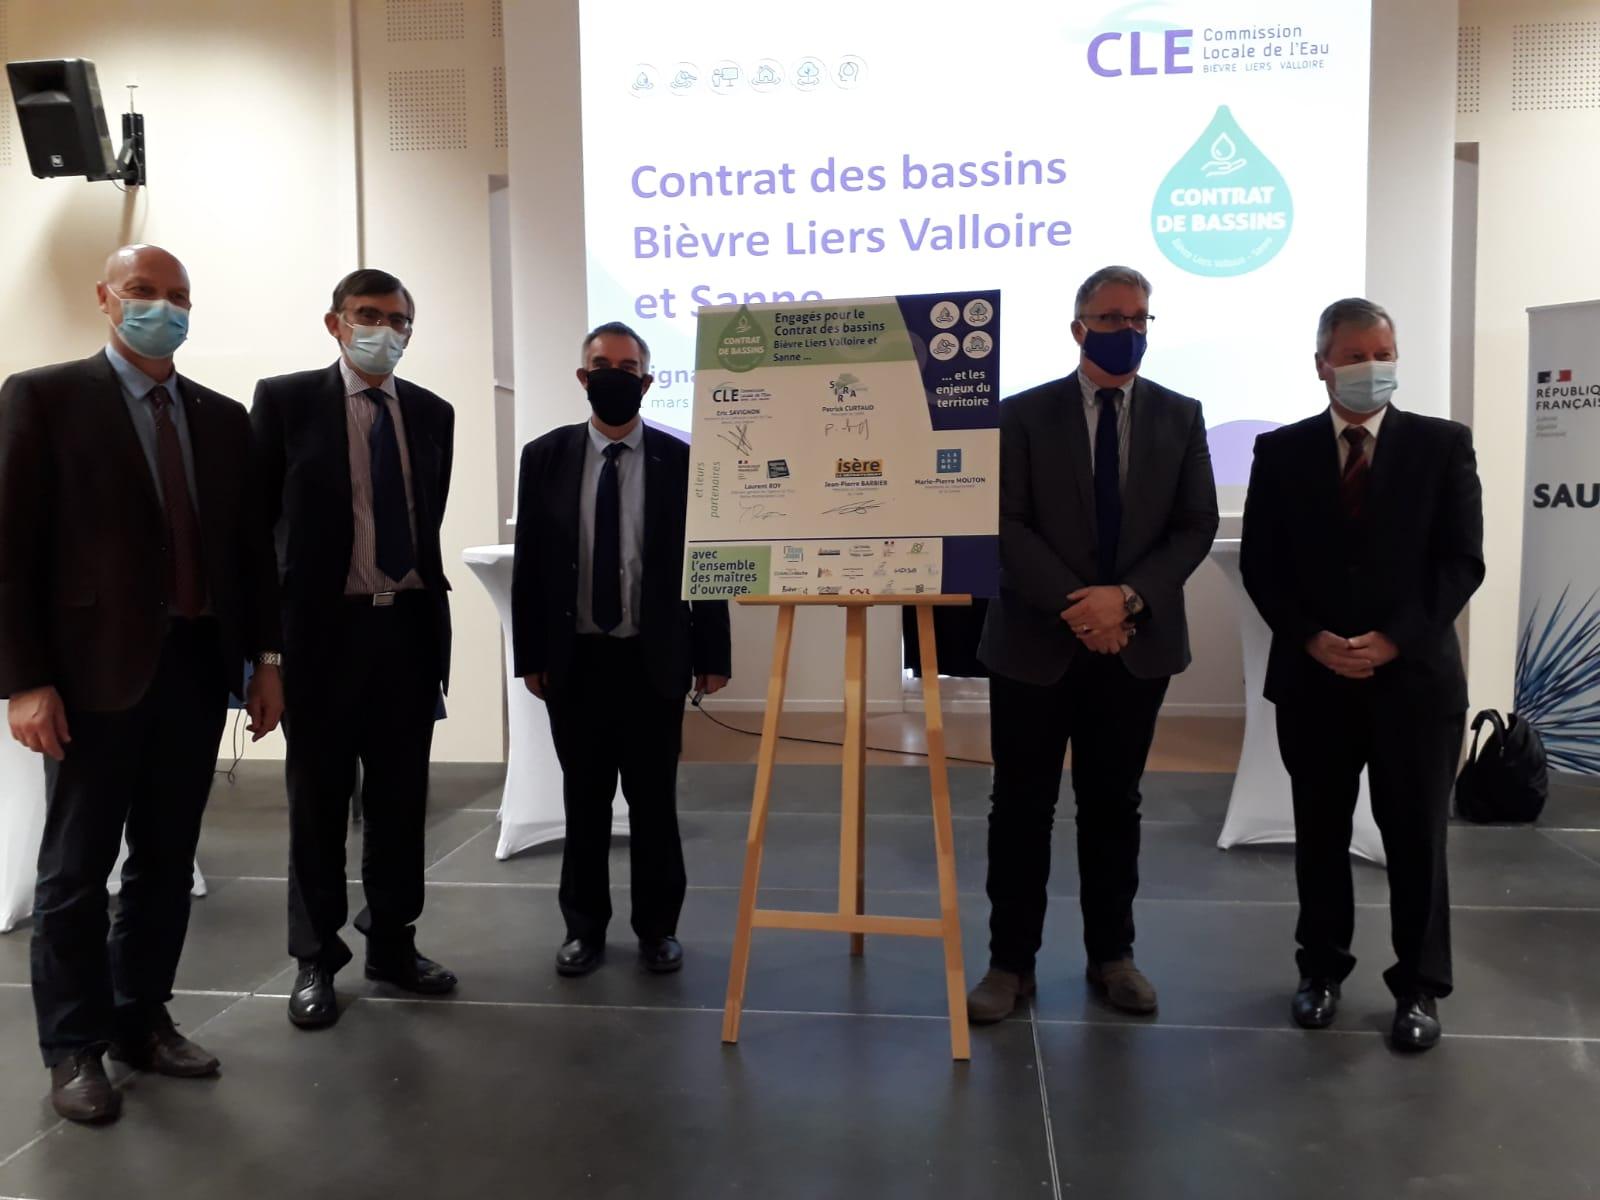 Bièvre Liers Valloire et Sanne: un nouveau contrat de bassin entre Drôme et Isère